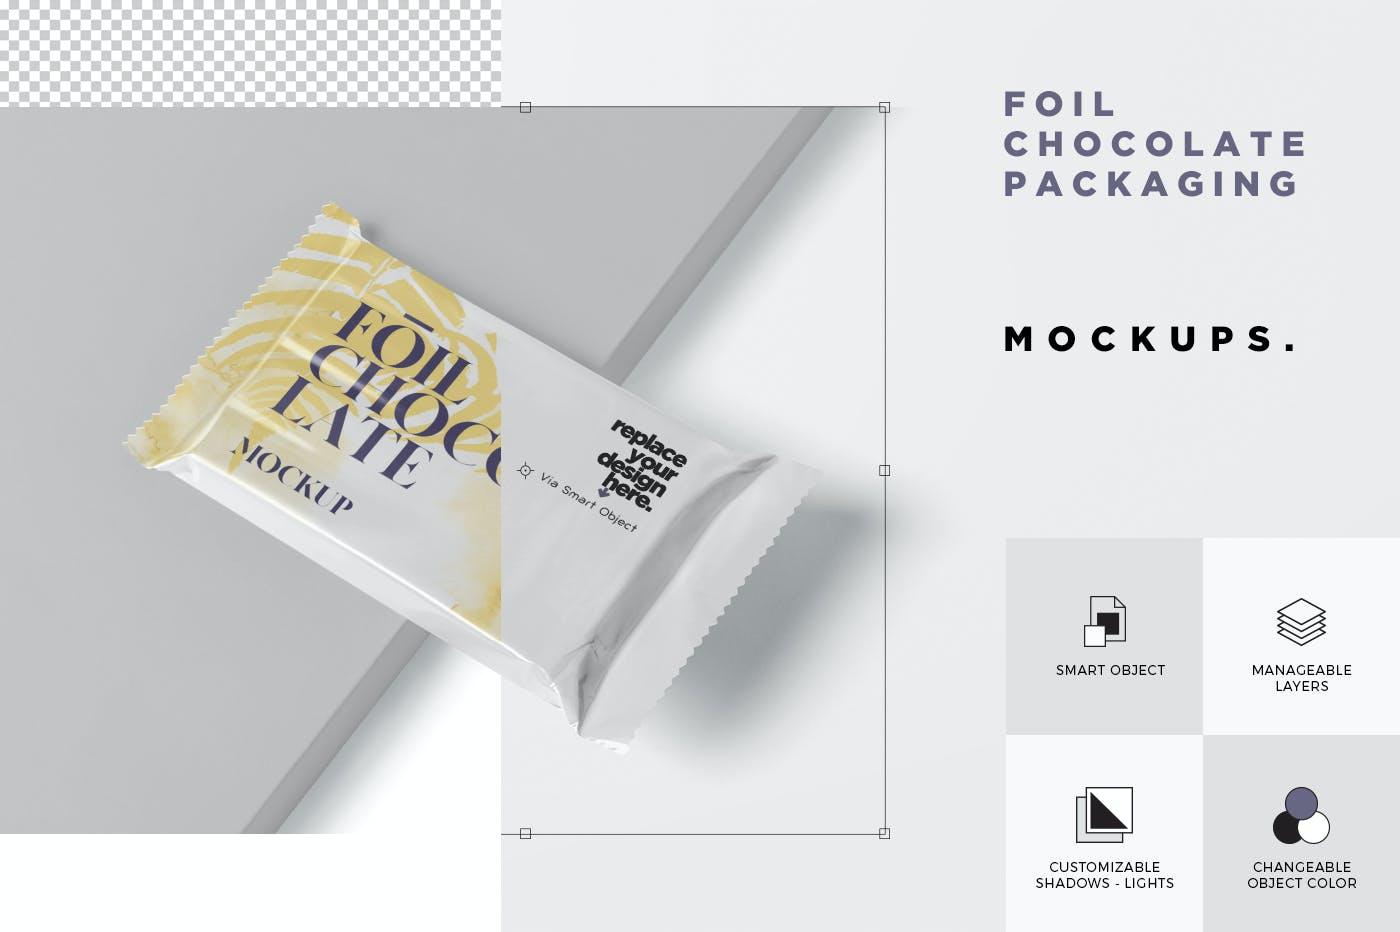 精美铝箔巧克力包装袋设计展示样机 Foil Chocolate Packaging Mockup – Slim Size插图(5)